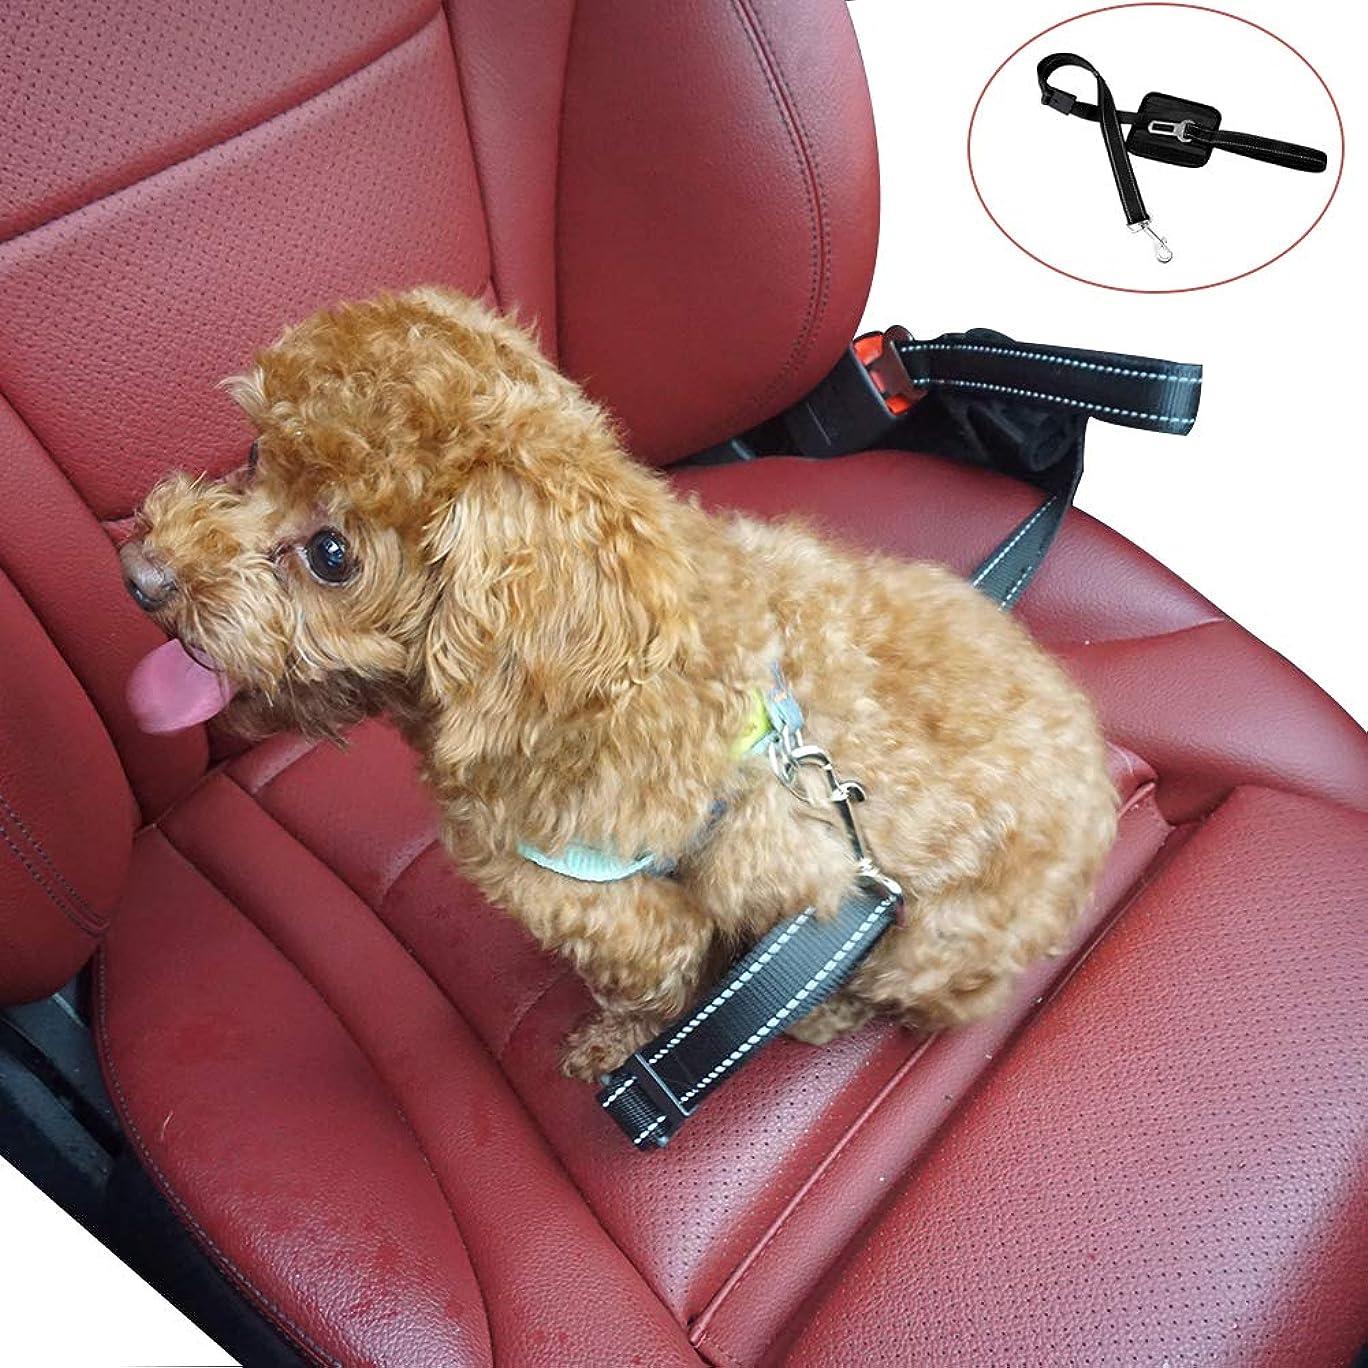 慎重疑い司書LAPOND ペットドライブボックス 中小型犬用 猫用 ペットブランケット付き 改良 助手席 後部座席 折りたたみ式 通気(ブラック)